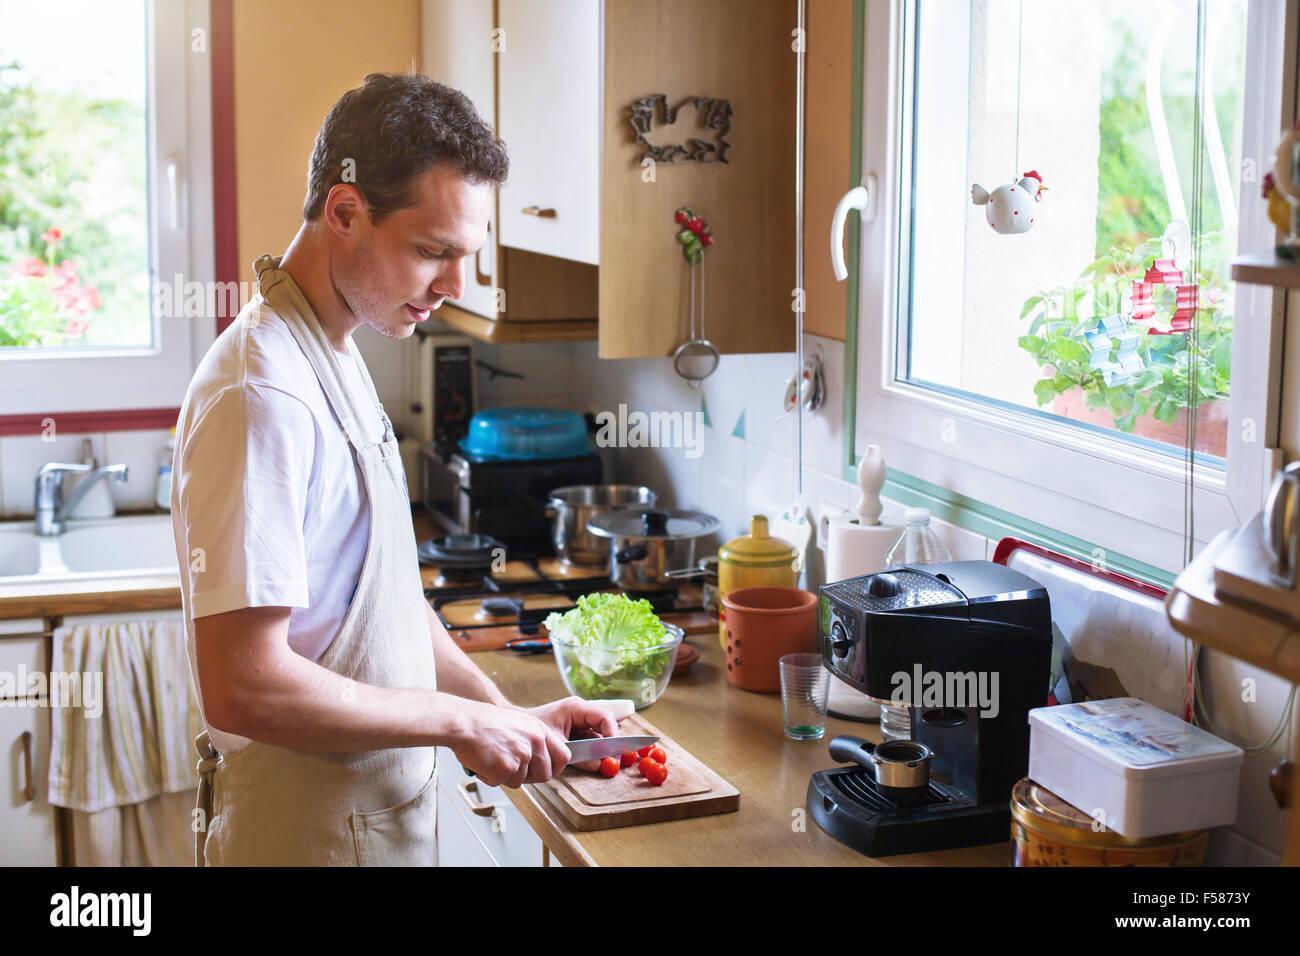 La cottura di cibi sani, giovane maschio tagliare i pomodori in cucina Immagini Stock